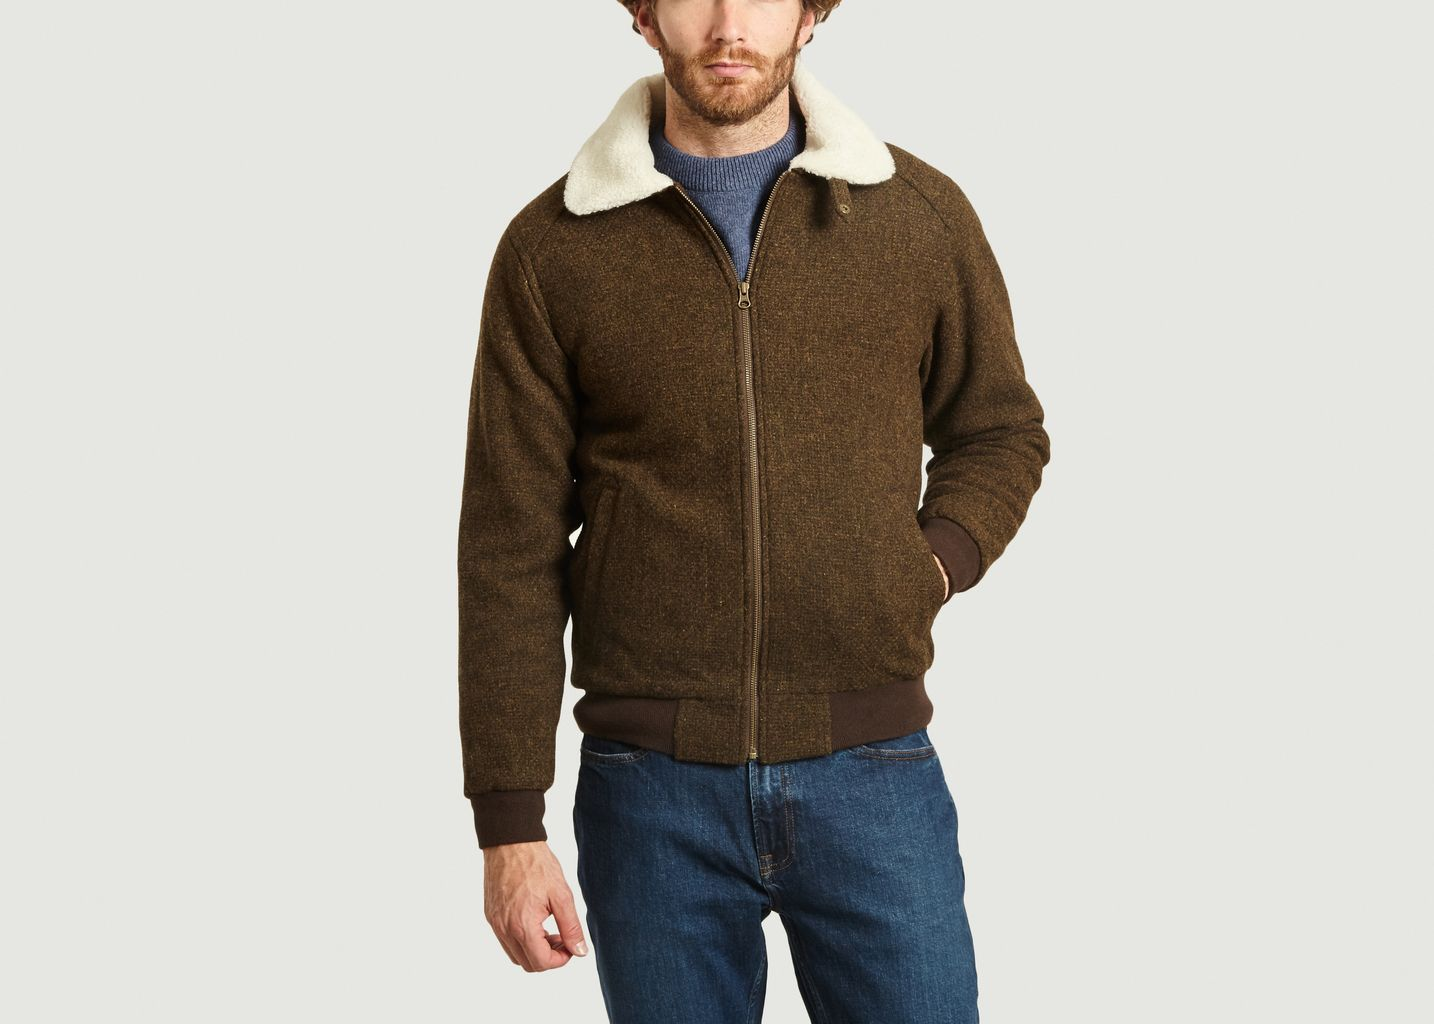 Blouson en drap de laine Wander - Olow